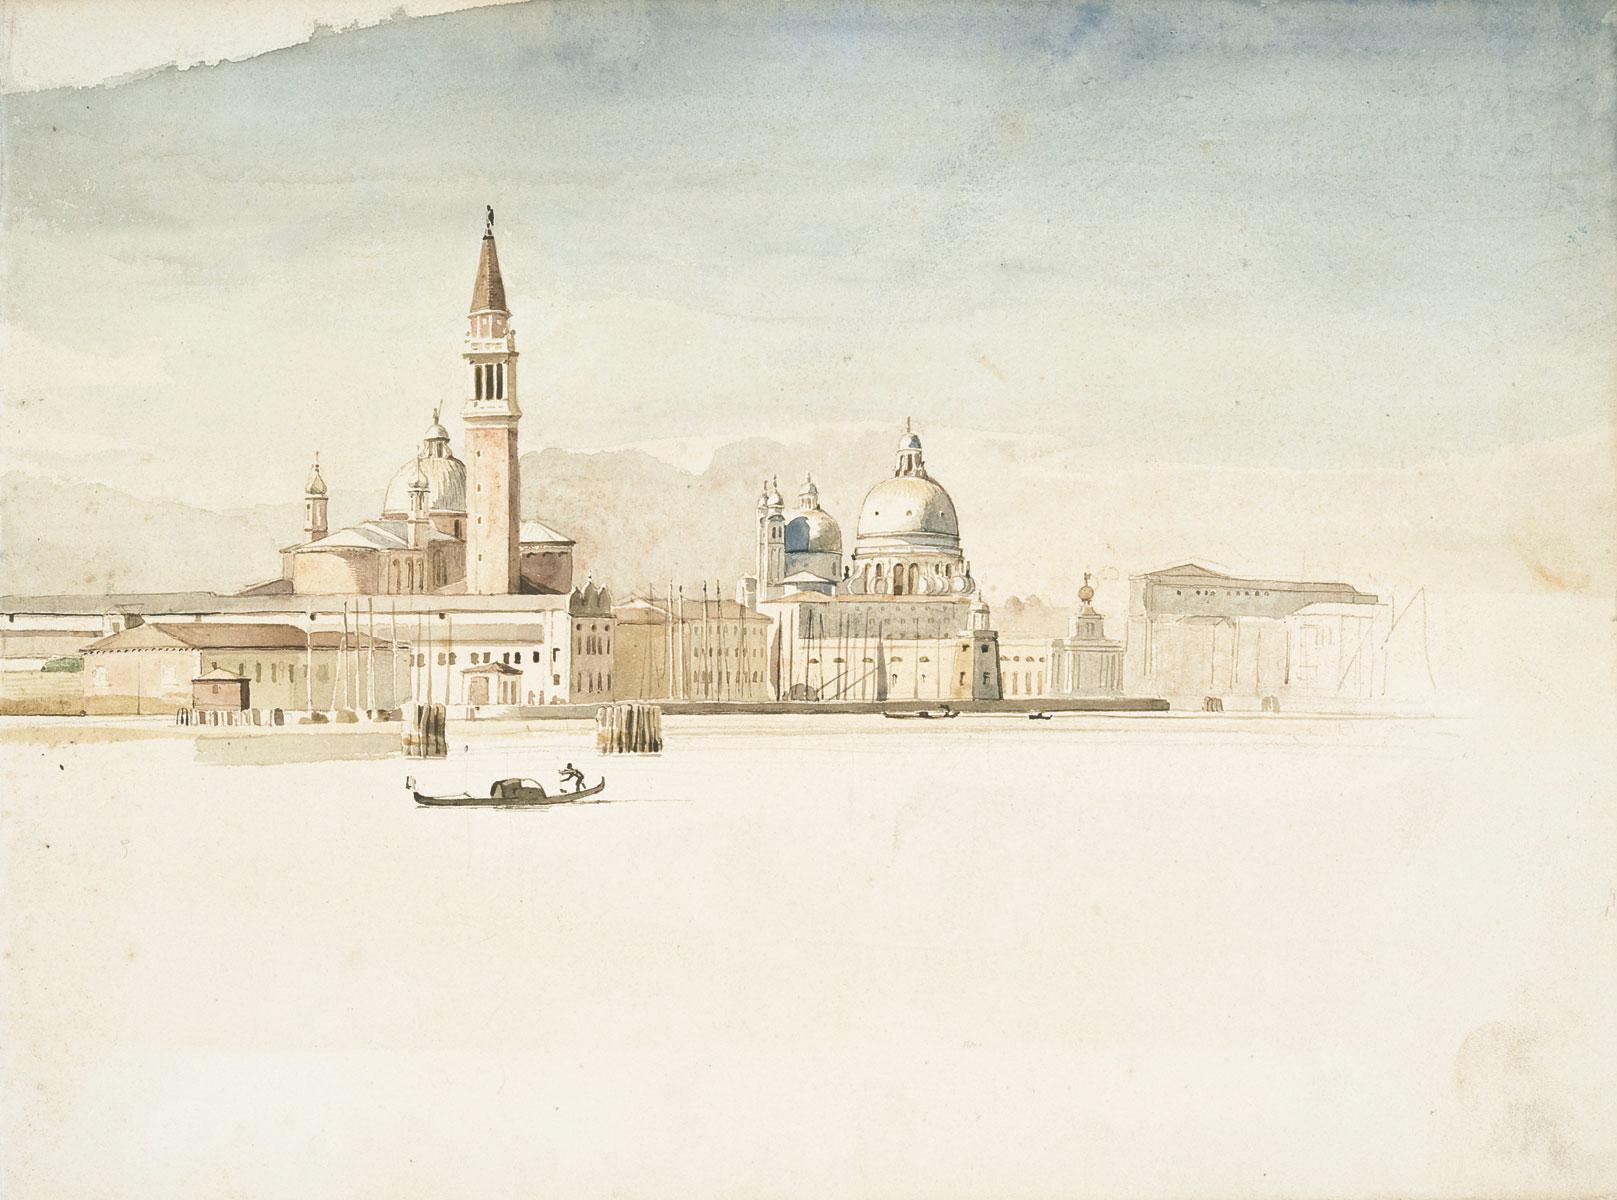 Friedrich Nerly, Venezianische Vedute, ca. 1837